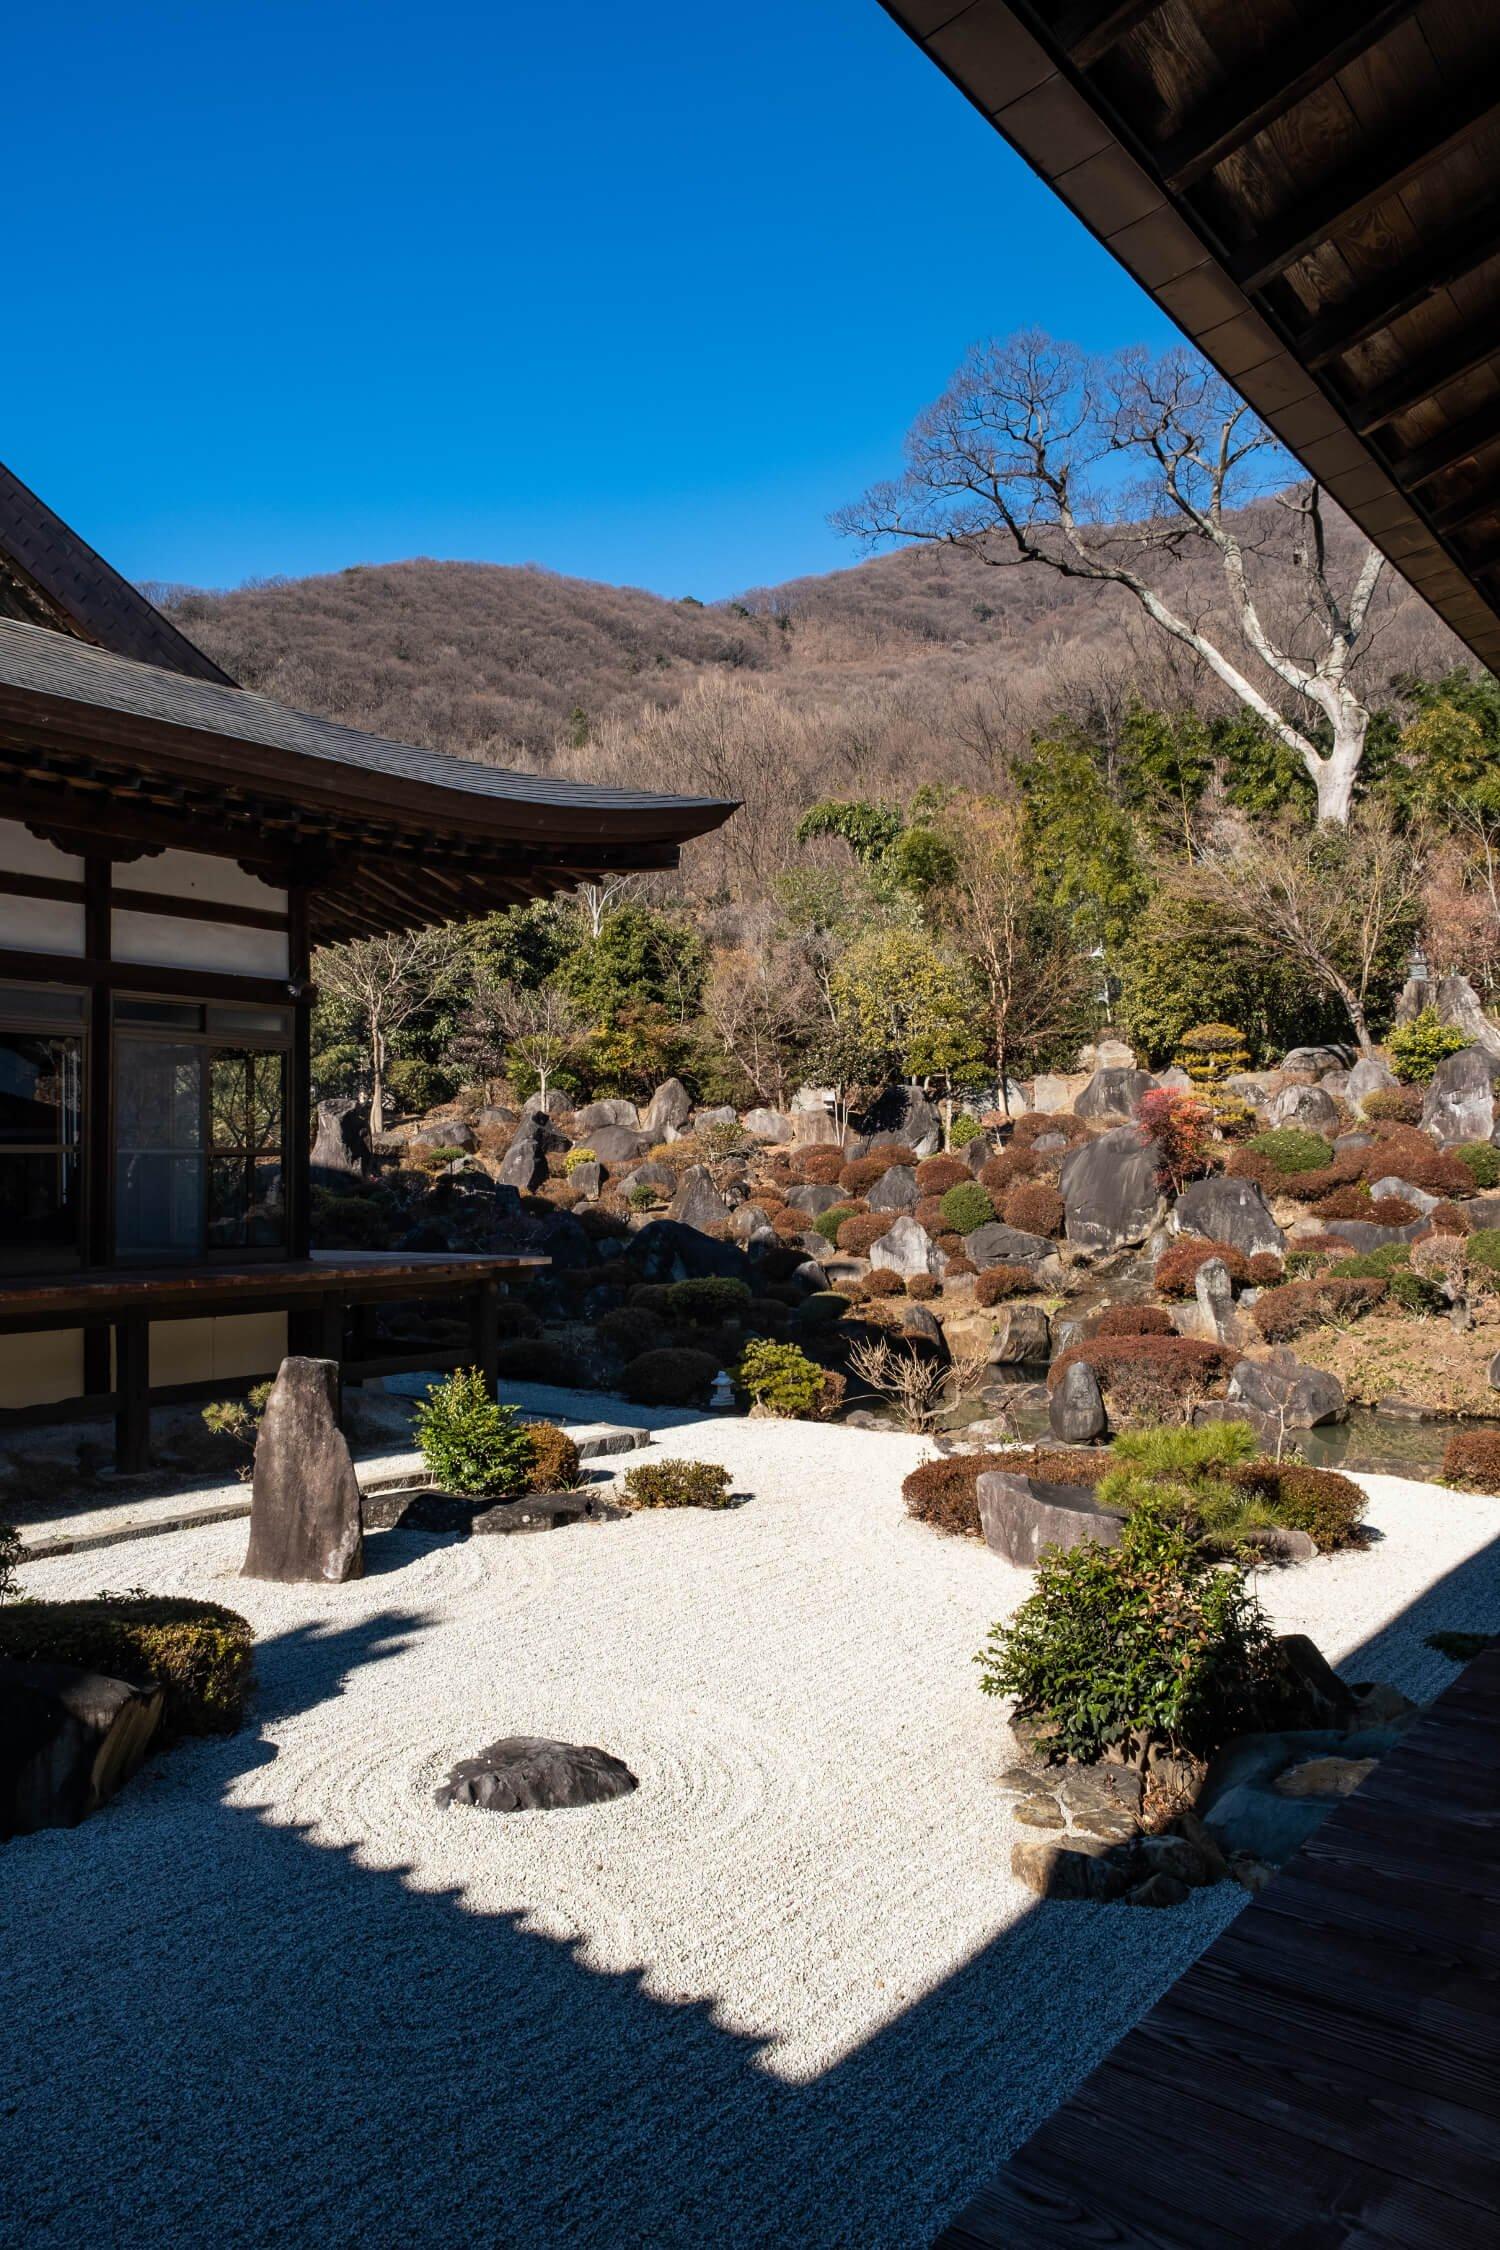 枯山水の庭園が見事な大蔵経寺(拝観料300円、七福神まいりは無料)。